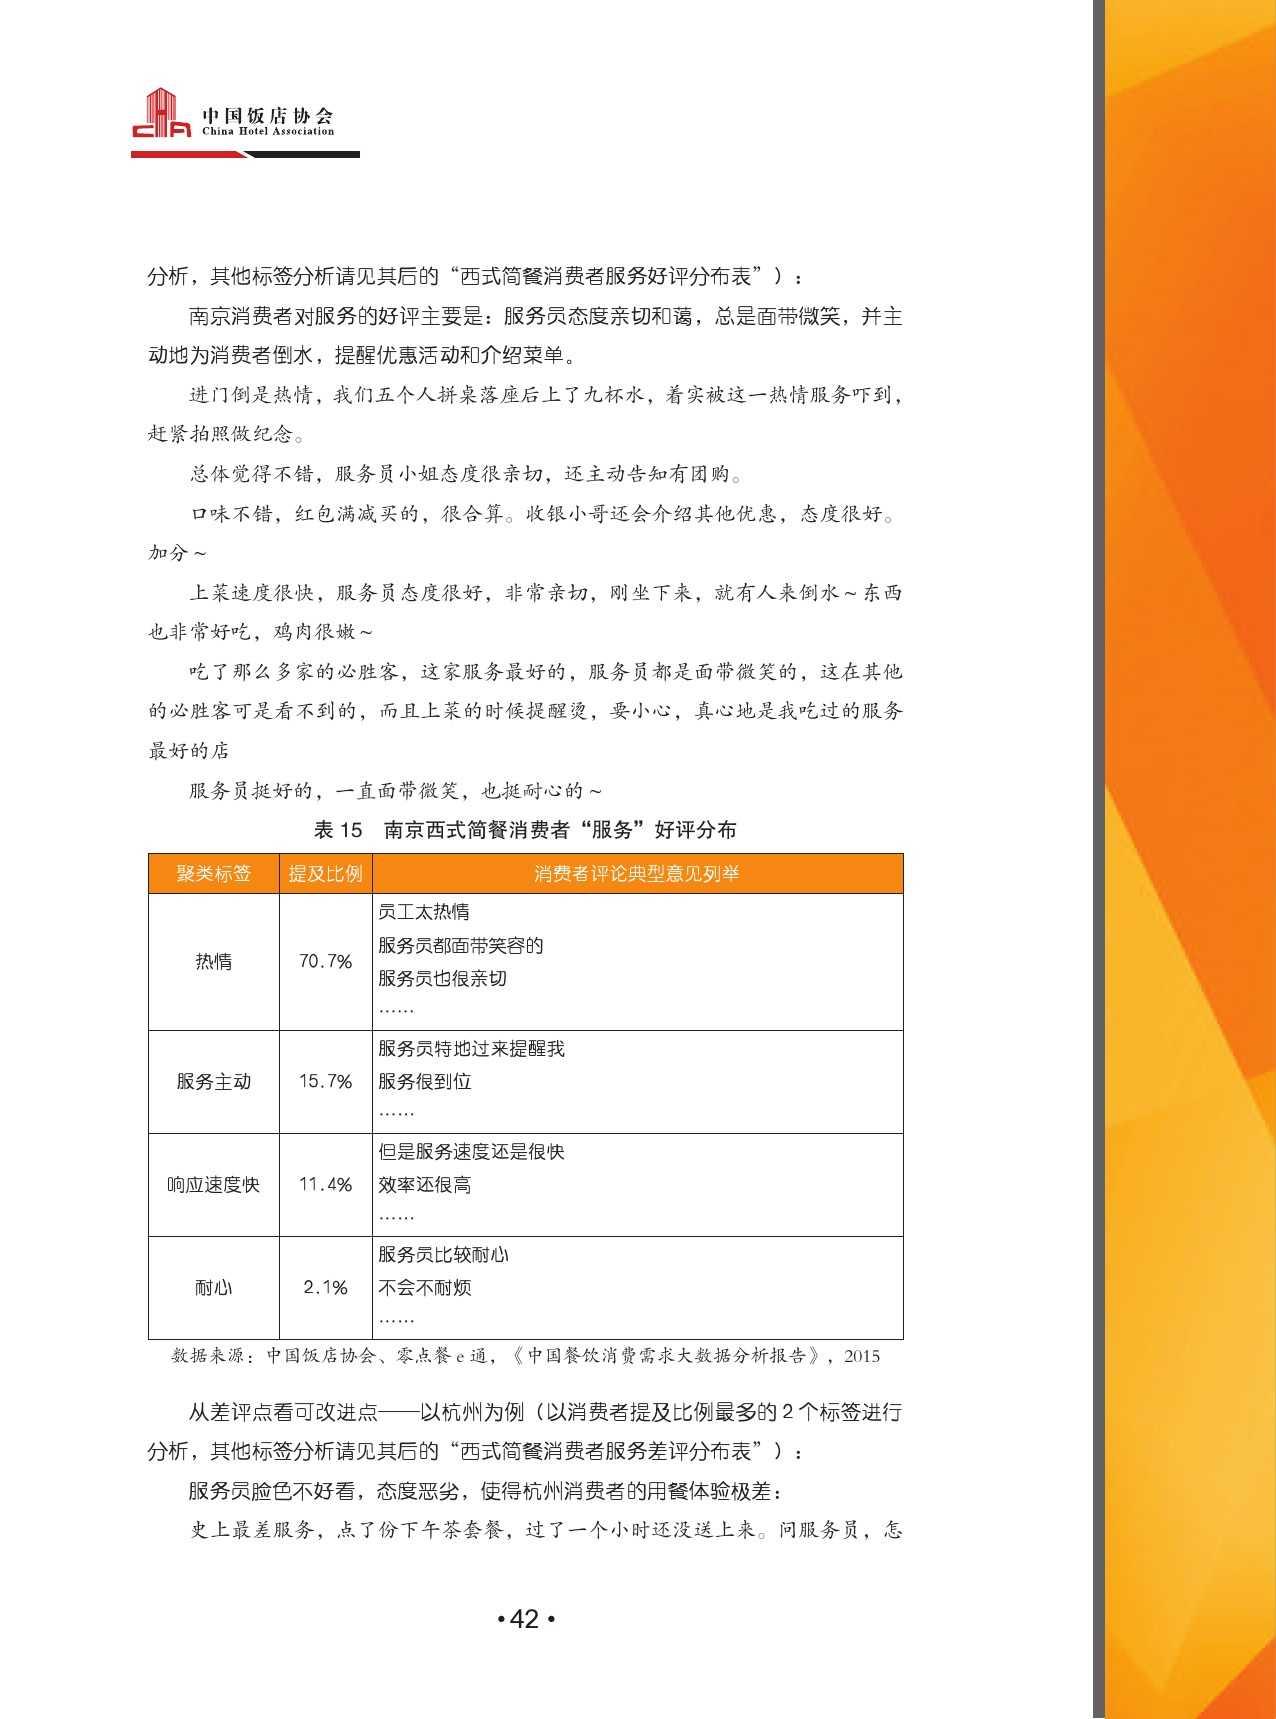 2015中国餐饮消费需求大数据分析报告_000044